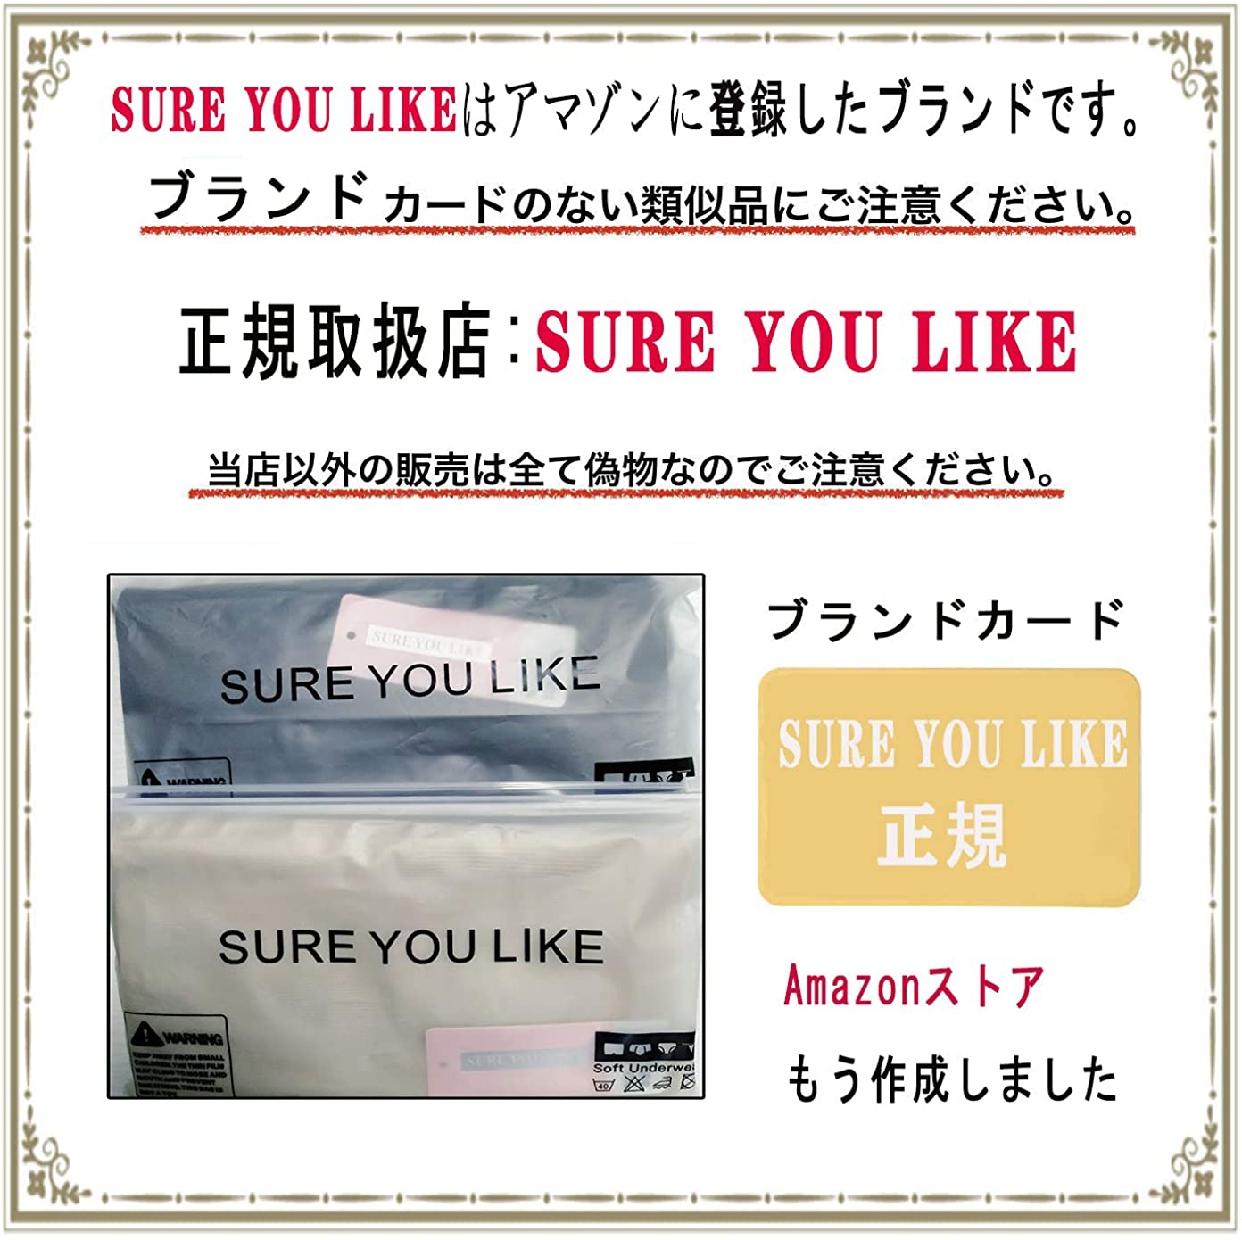 SURE YOU LIKE(シュアユーライク)ガードル ハイウエストの商品画像5